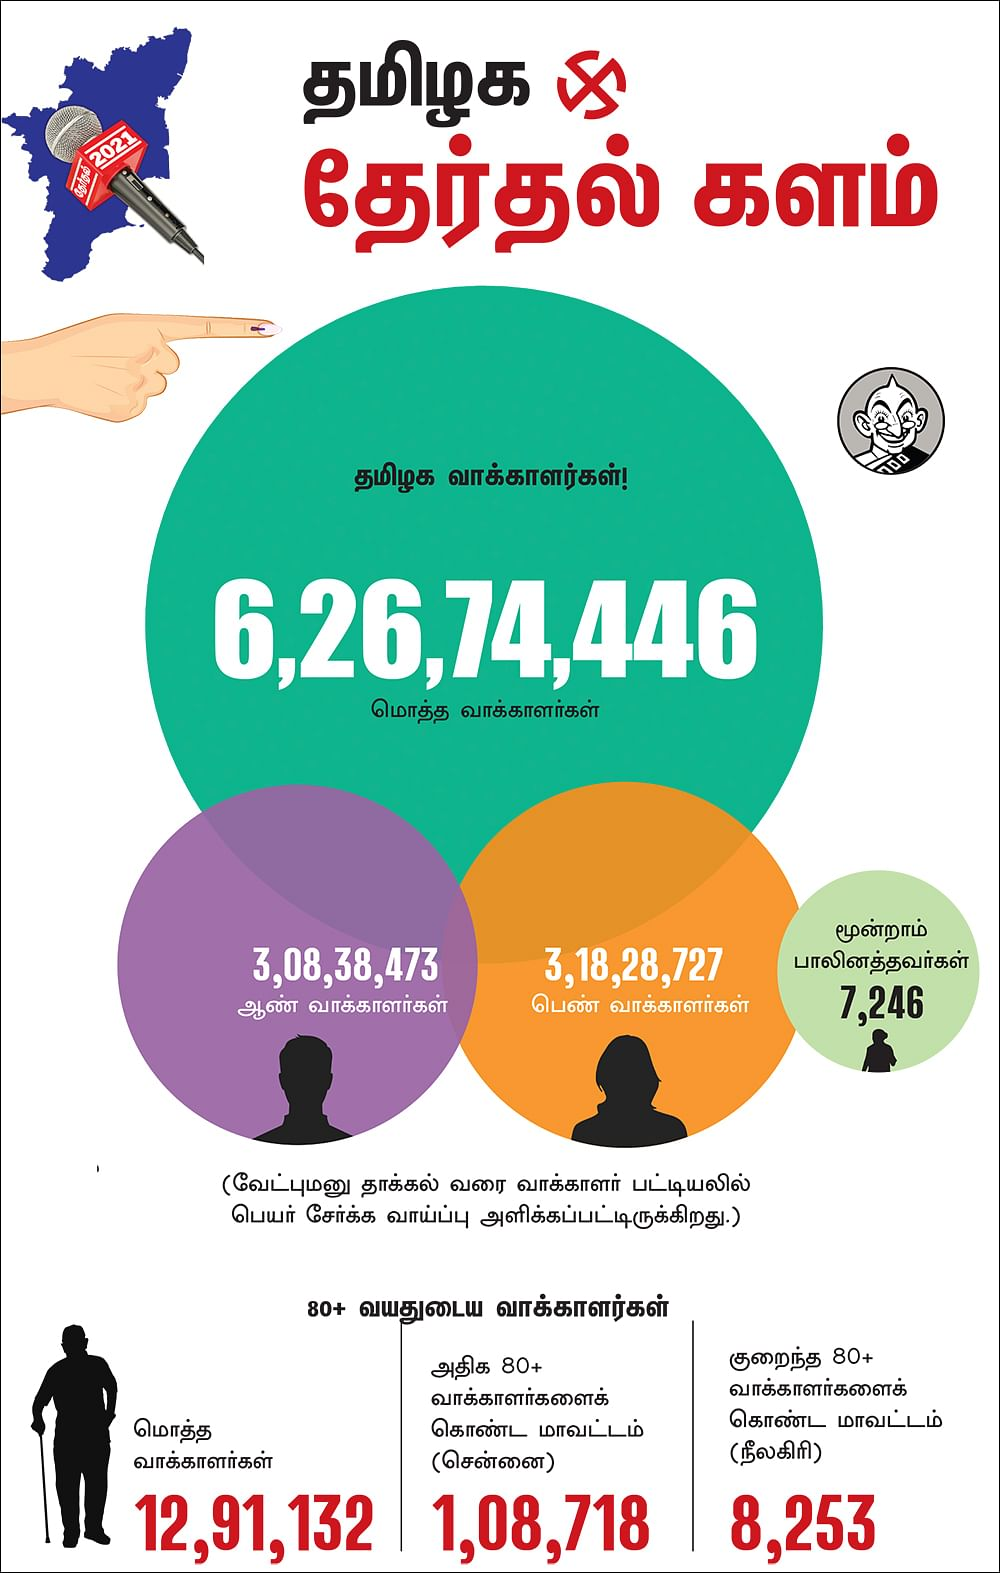 TN Election 2021: முதல் முறை வாக்காளர்கள் 8.97 லட்சம் பேர்; 80+ வாக்காளர்கள் எவ்வளவு பேர் தெரியுமா?!